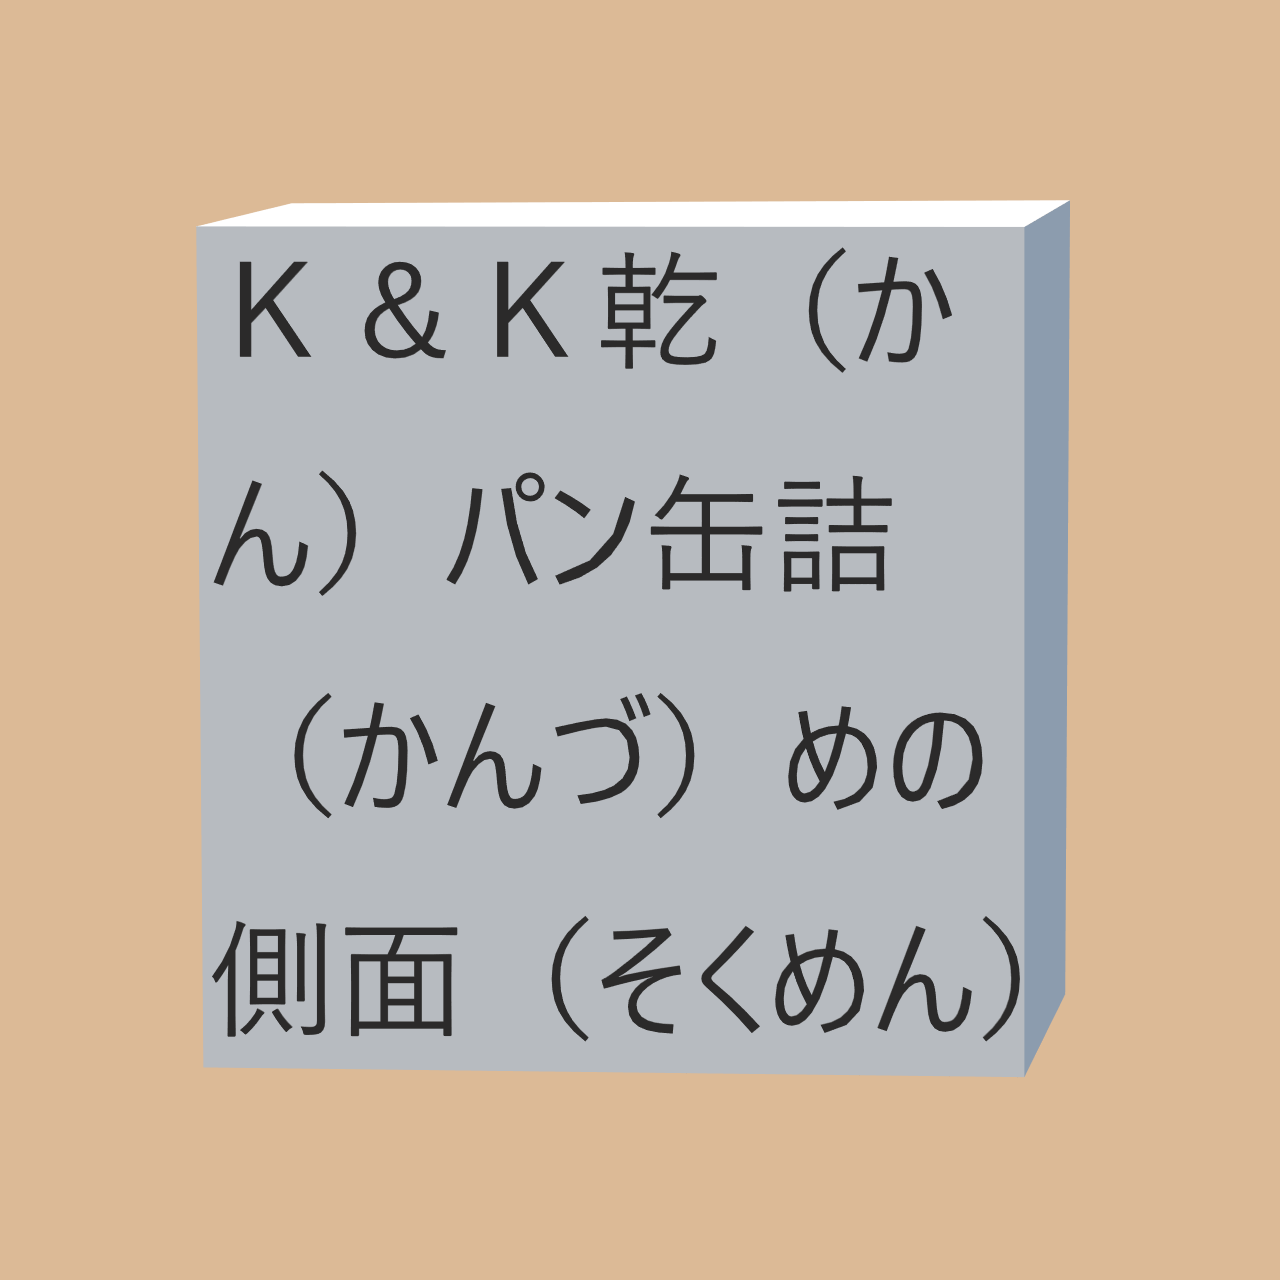 K&K乾(かん)パン缶詰(かんづ)めの側面(そくめん)や、お問合(といあわ)せ、K&K缶(かん)つまなどにかかる画像(がぞう)